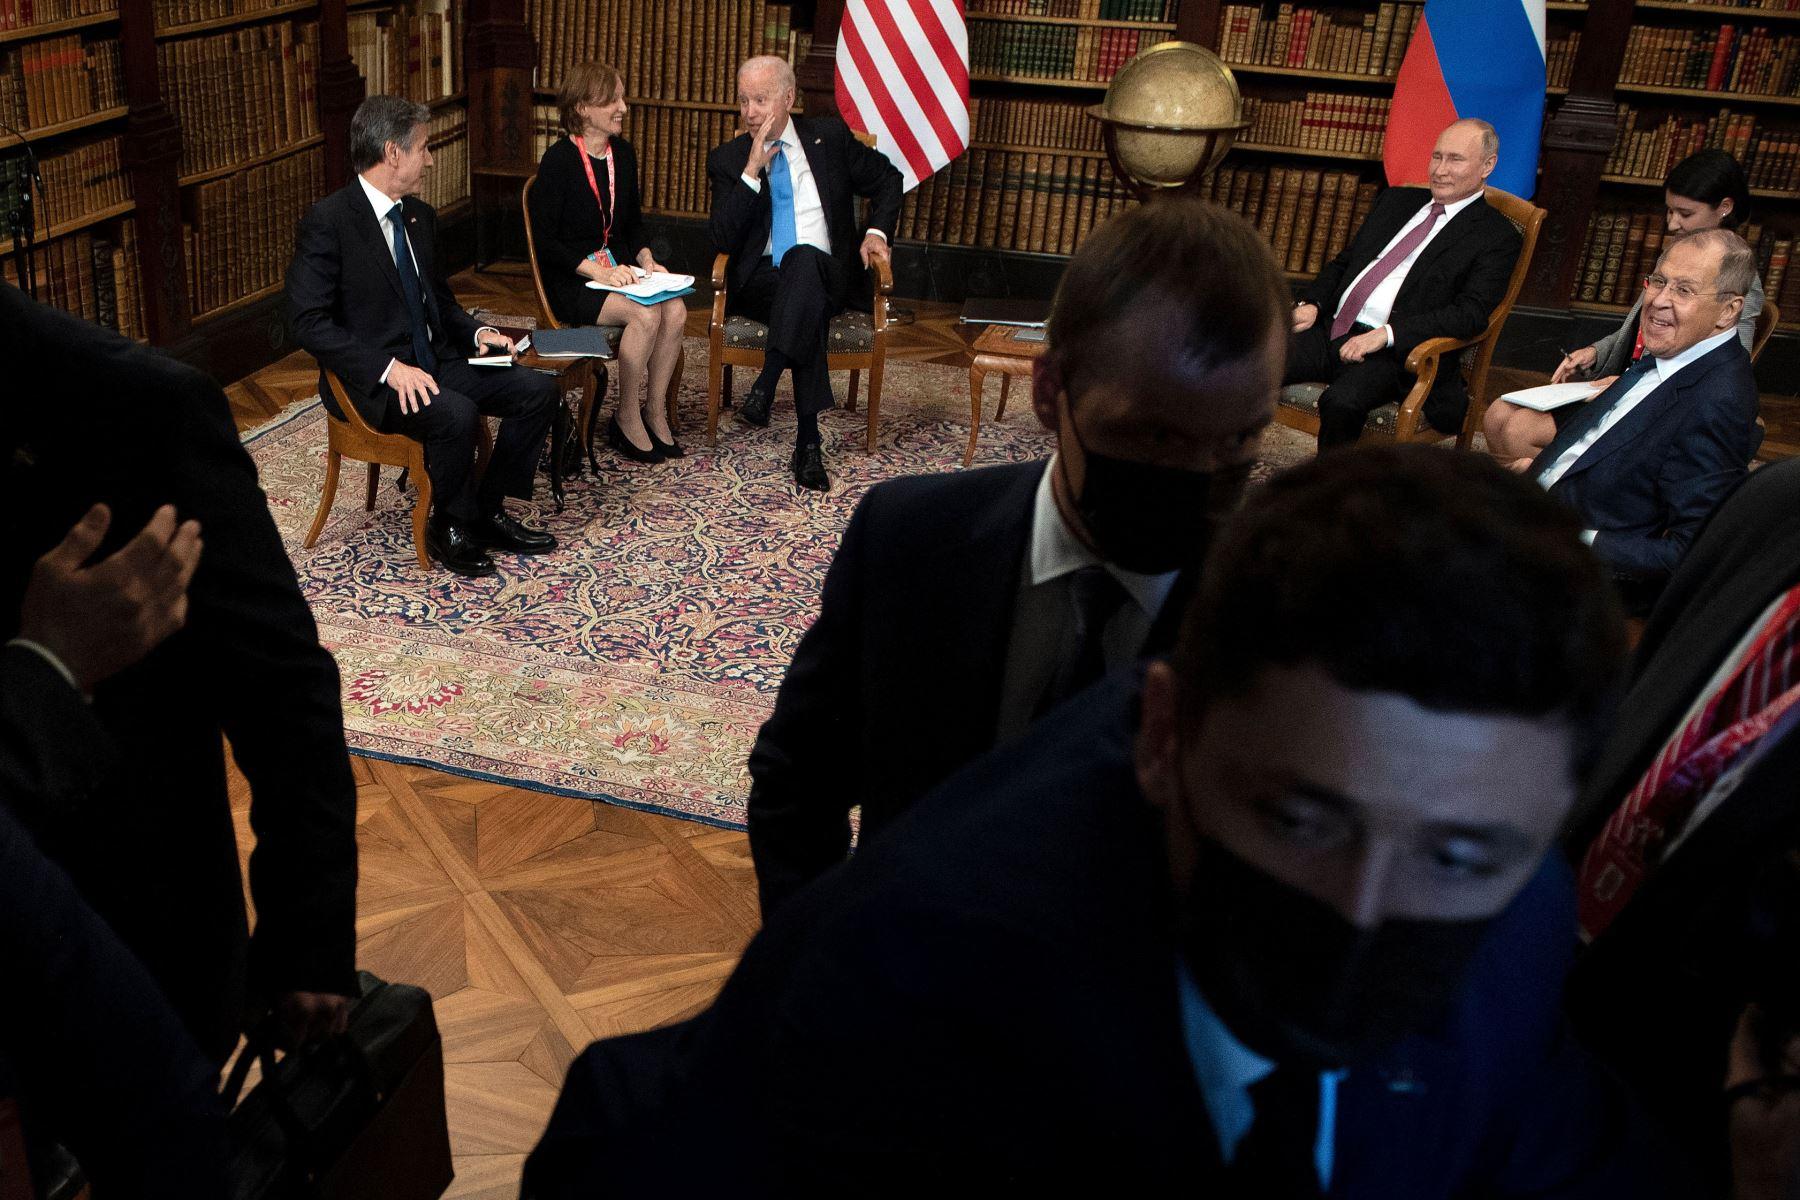 La primera ronda de conversaciones, en una de las bibliotecas, incluye a los ministros de Exteriores, el estadounidense Antony Blinken y el ruso Serguéi Lavrov. Foto: AFP